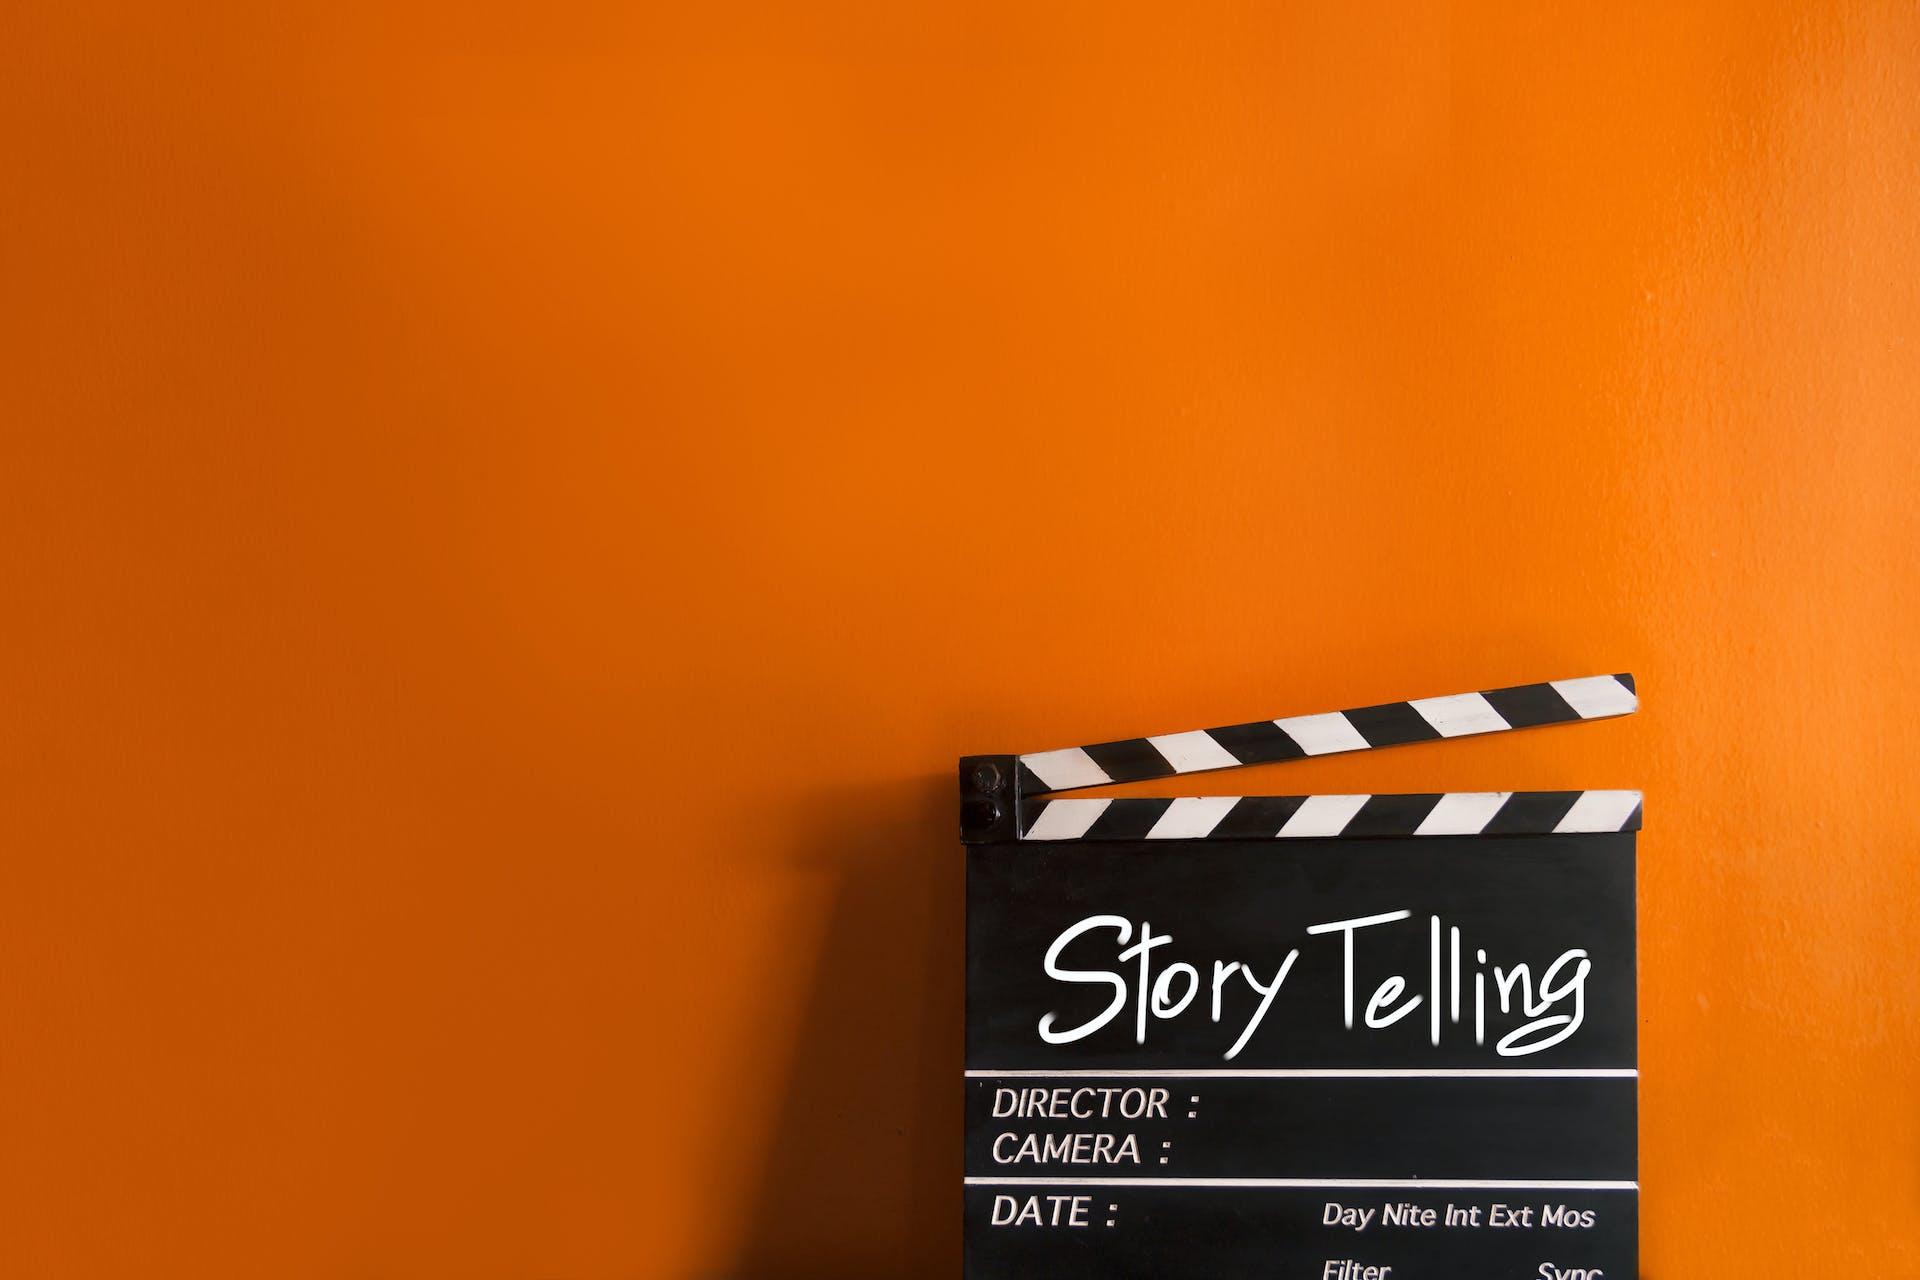 """Eine Filmklappe mit der Aufschrift """"Story Telling"""" auf einem orangenen Hintergrund"""